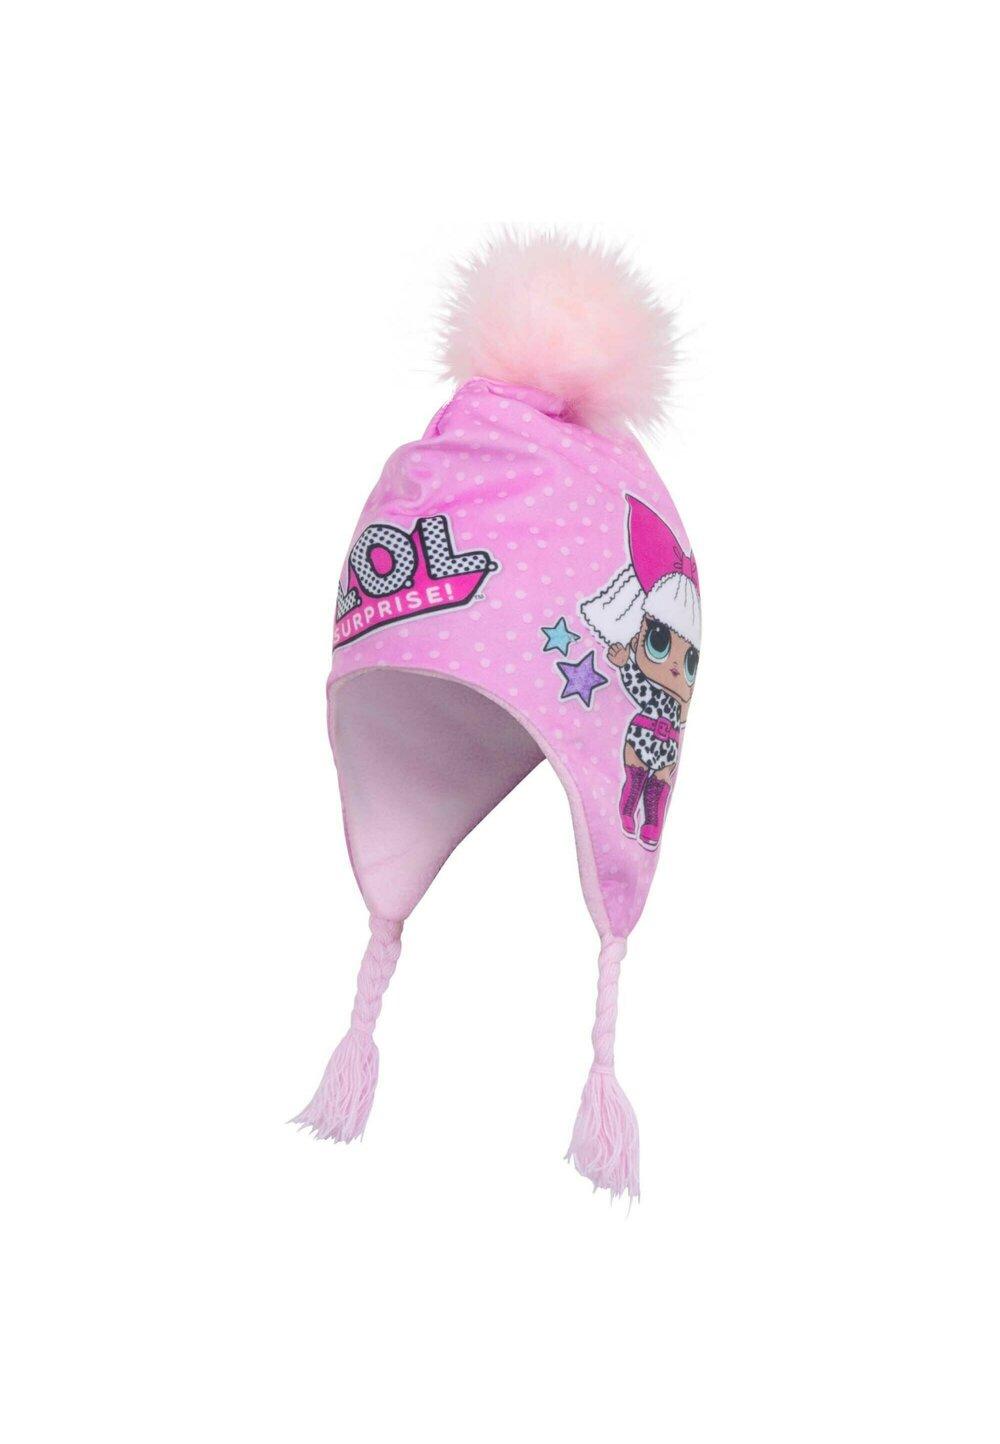 Caciula, Lol Surprise, roz imagine